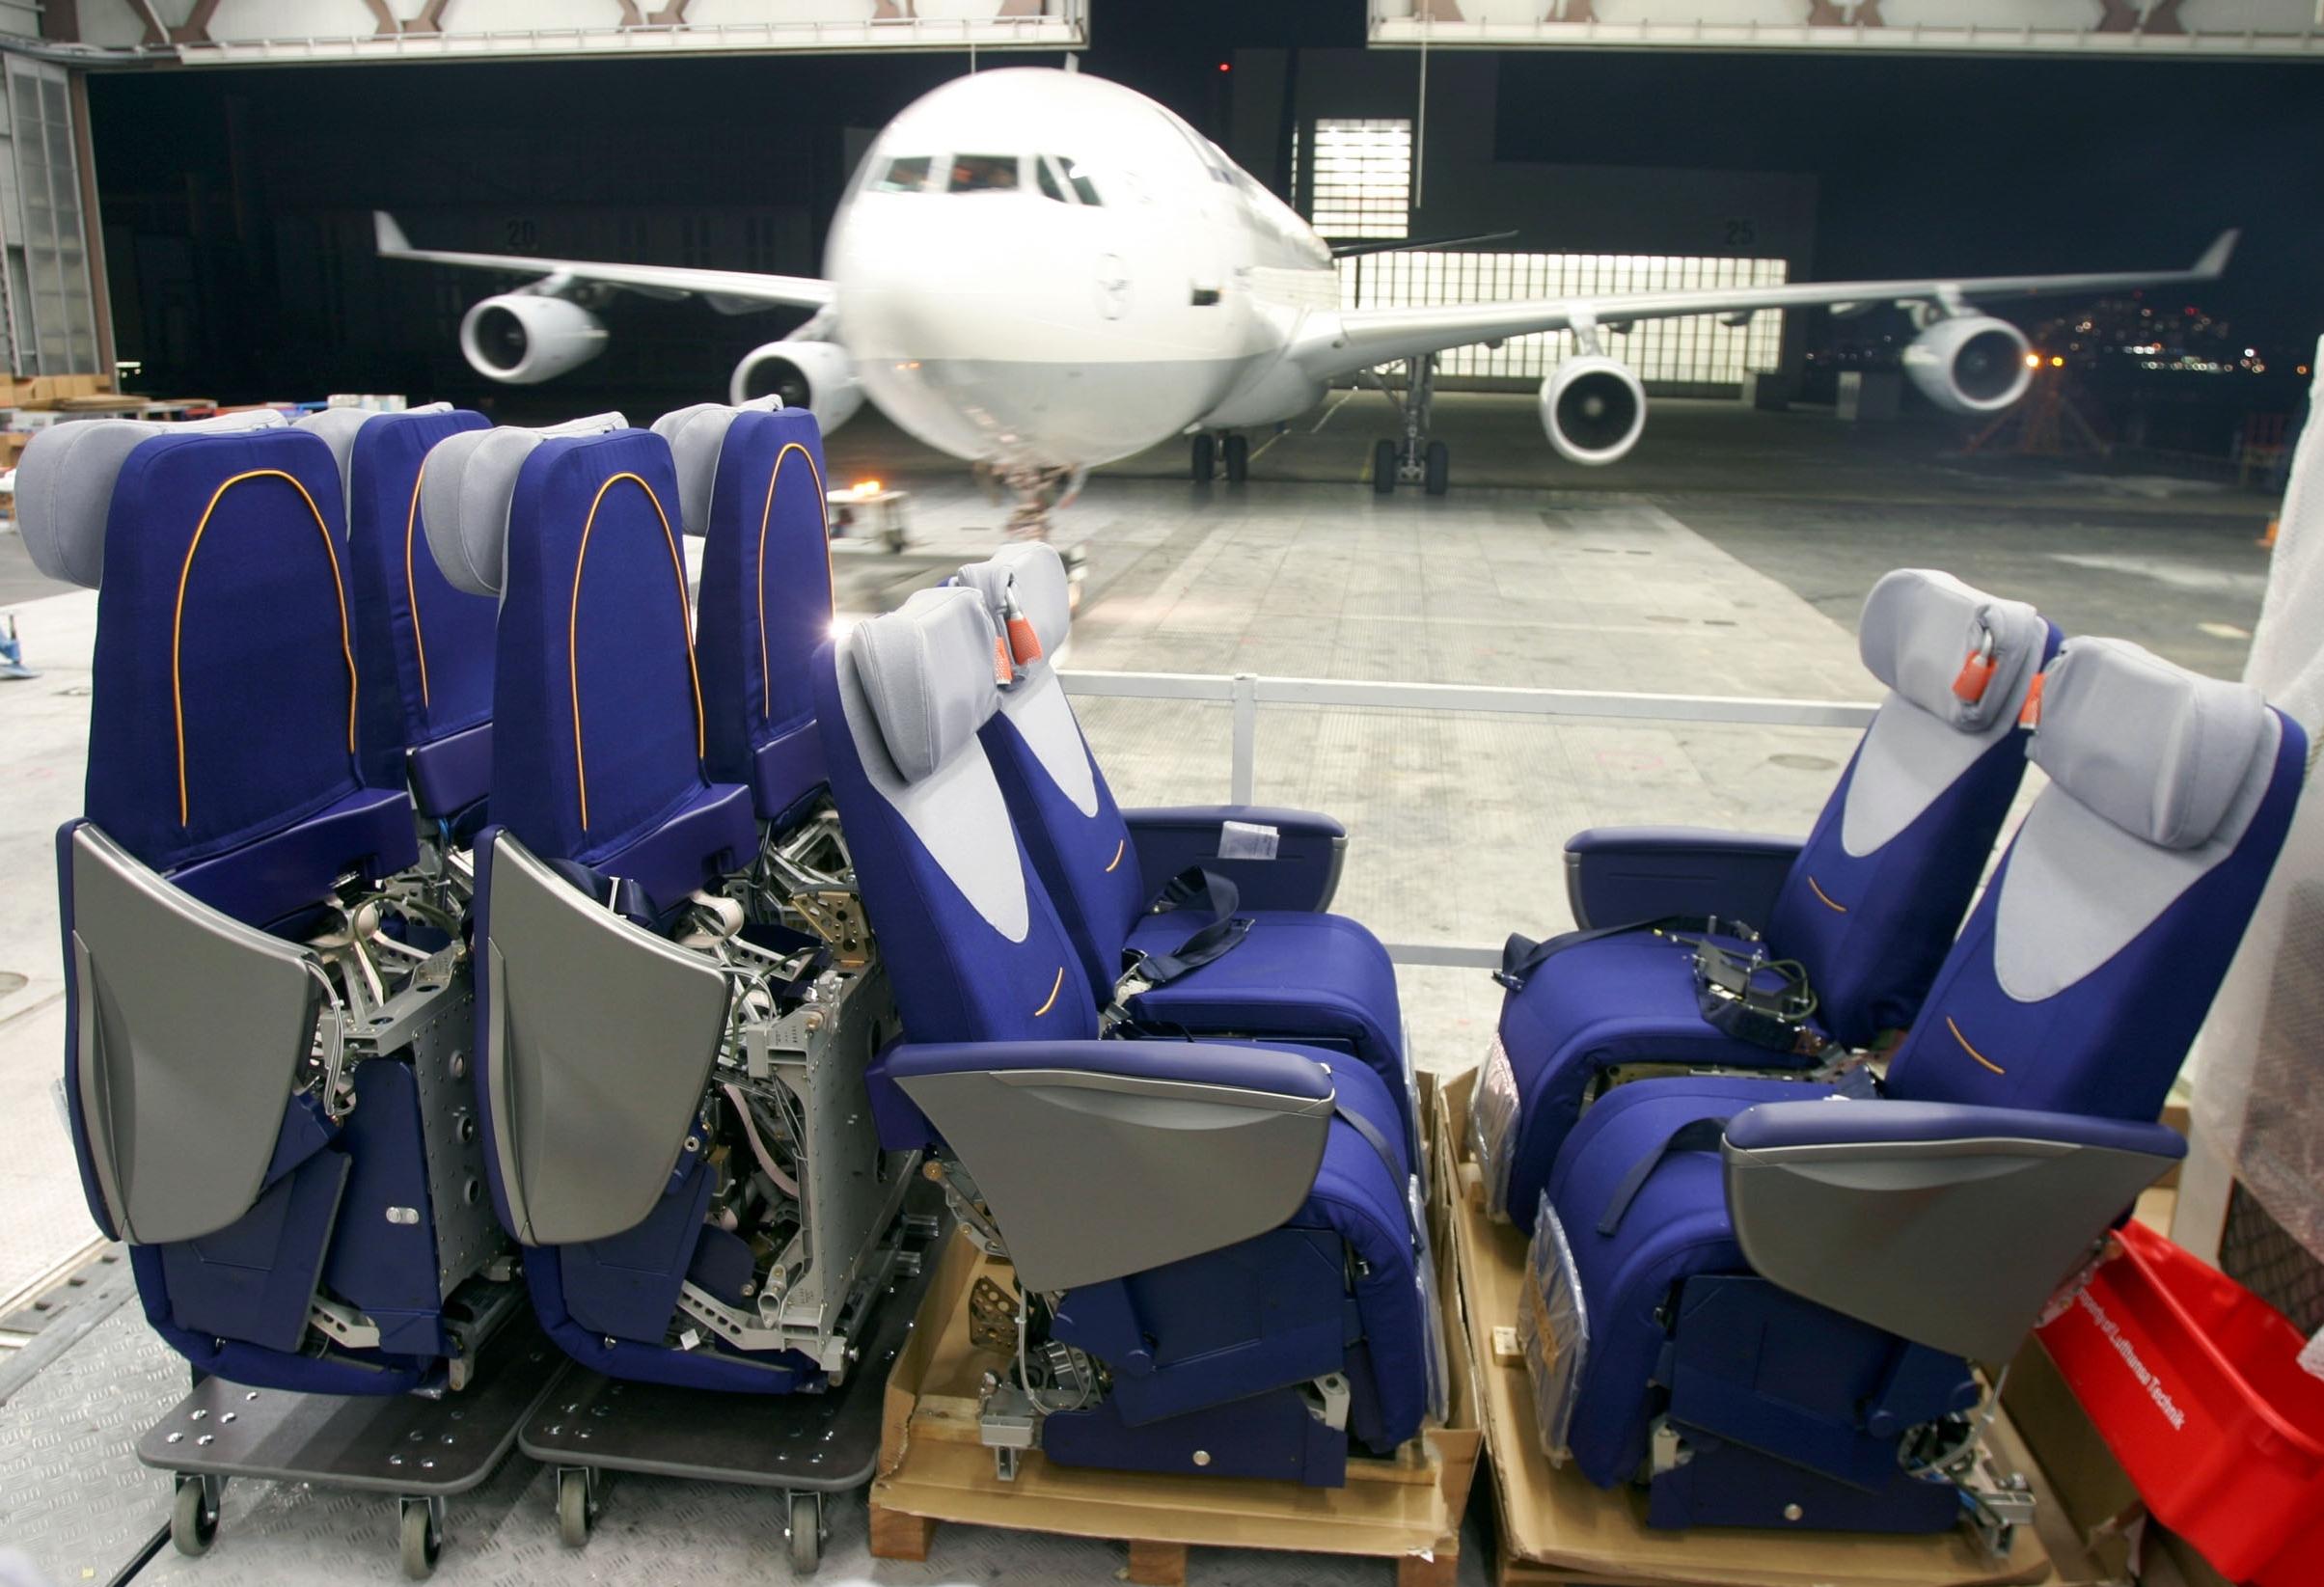 Foto: Lufthansa Technik AG monterer Business Class-sæder i et fly. (Gregor Schlaeger)